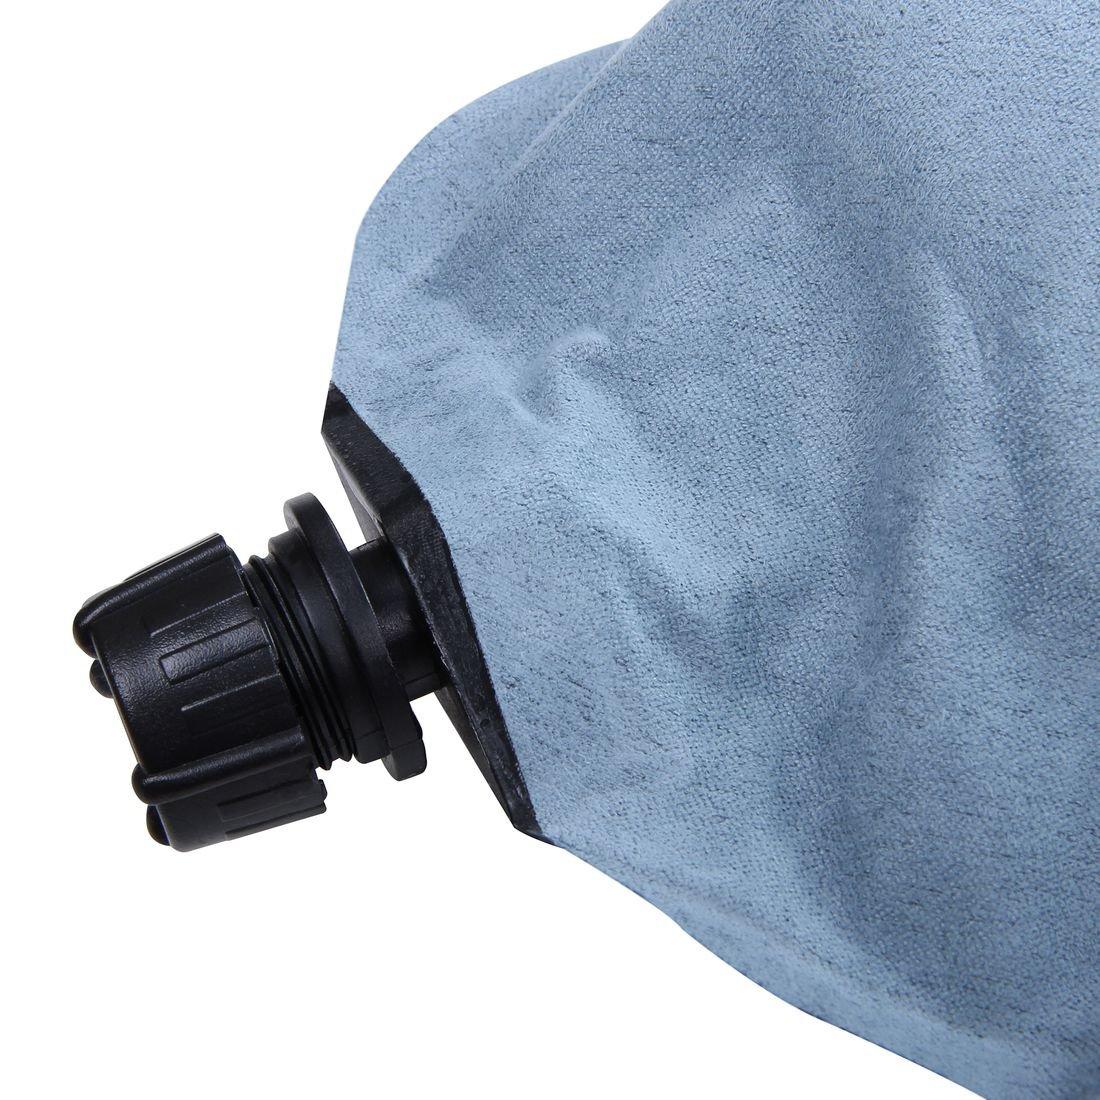 selbstaufblasende Luftmatratze wasserdichte Camping Luftmatte Matte in  4 Dicken 2 Breiten 2 Farben zur Wahl 10T selbstaufblasbare Mikrofaser Isomatte f/ür 1 /& 2 Personen weiches Thermo Luftbett